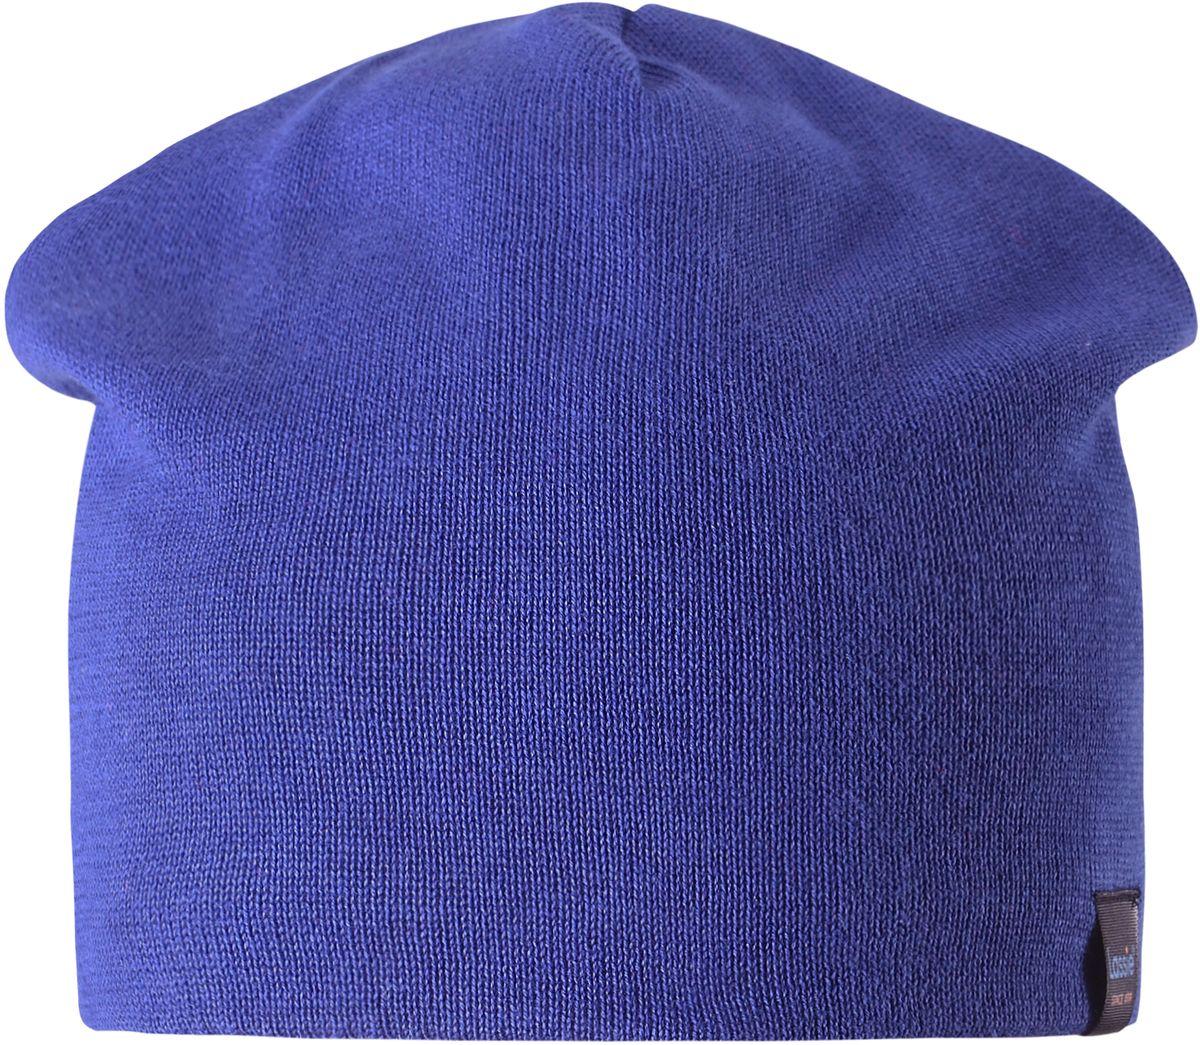 Шапка детская7287093400Удобная эластичная детская трикотажная шапка из хлопка подойдет к любой одежде и на все случаи жизни. Полная трикотажная подкладка из хлопкового трикотажа гарантирует тепло, а ветронепроницаемые вставки для ушей защищают уши от холодного ветра.